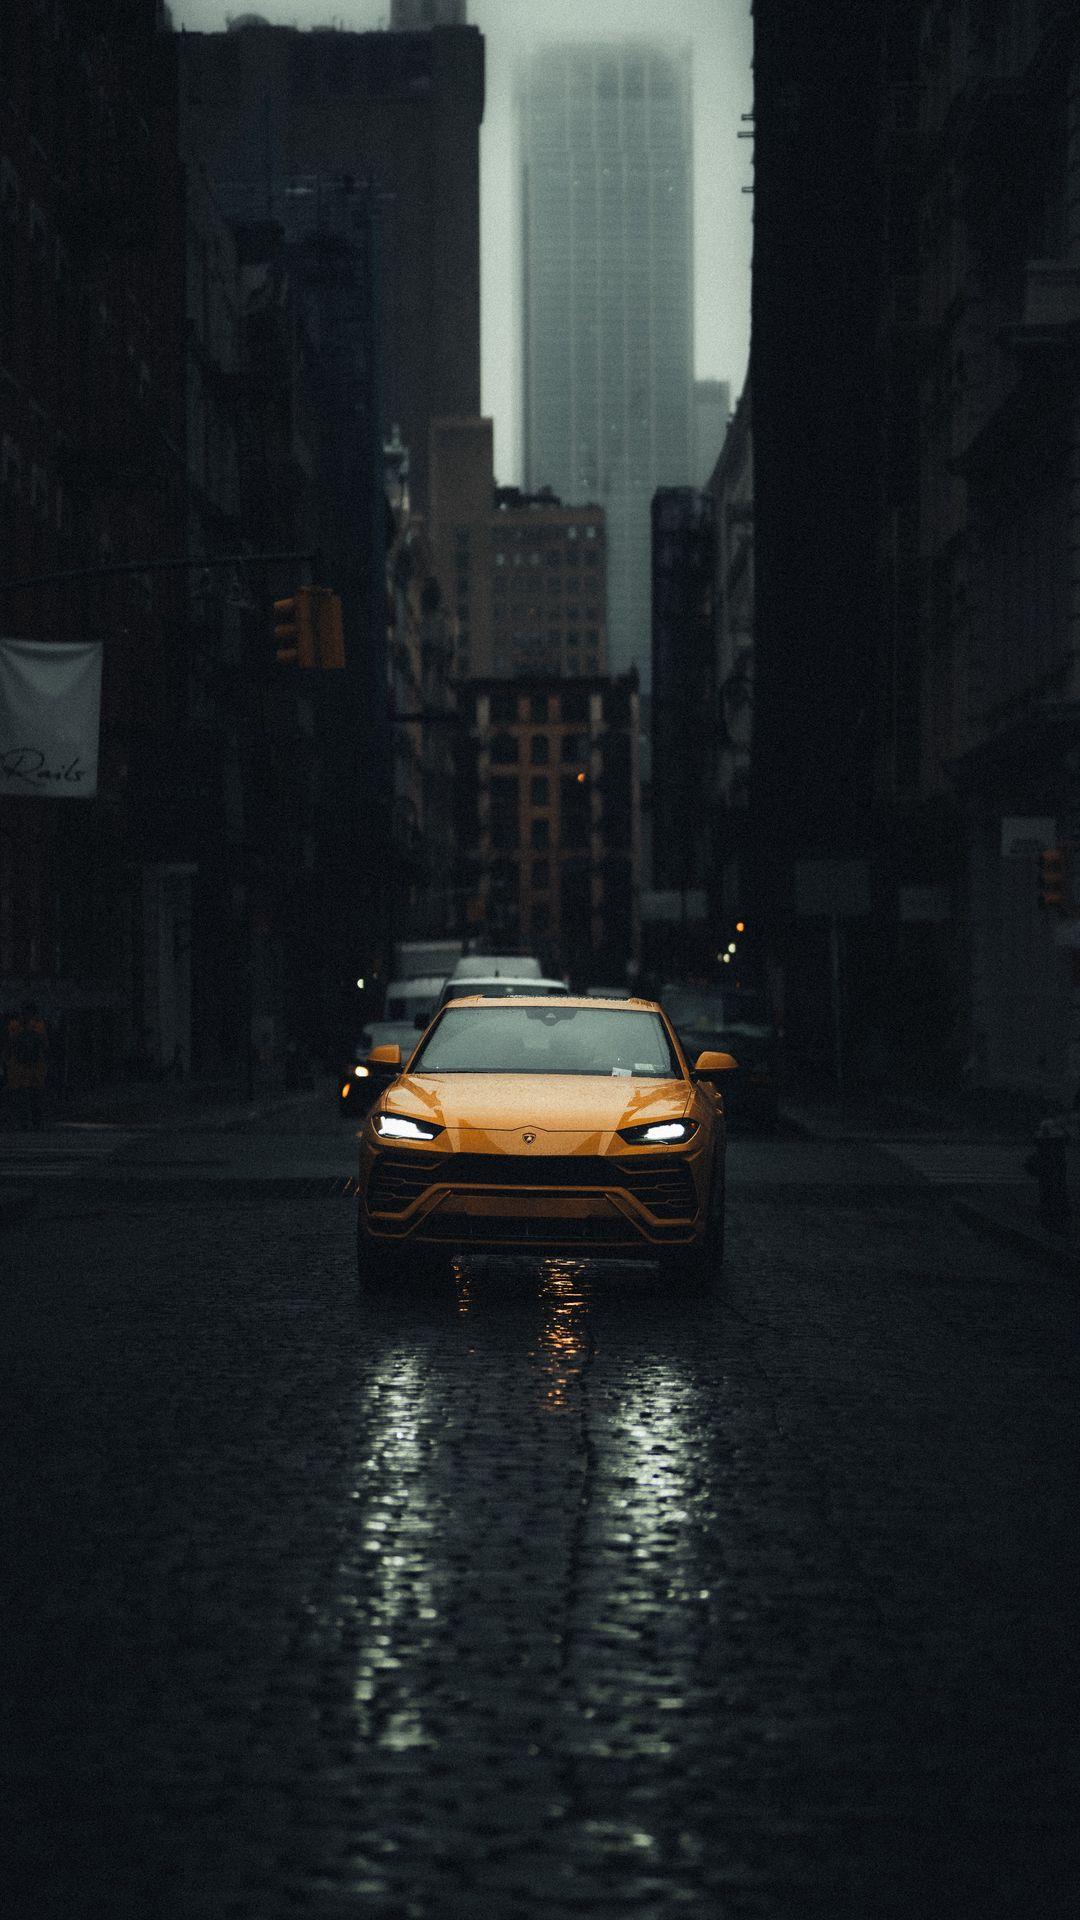 Lamborghini Urus Wallpapers Free Download for Mobile